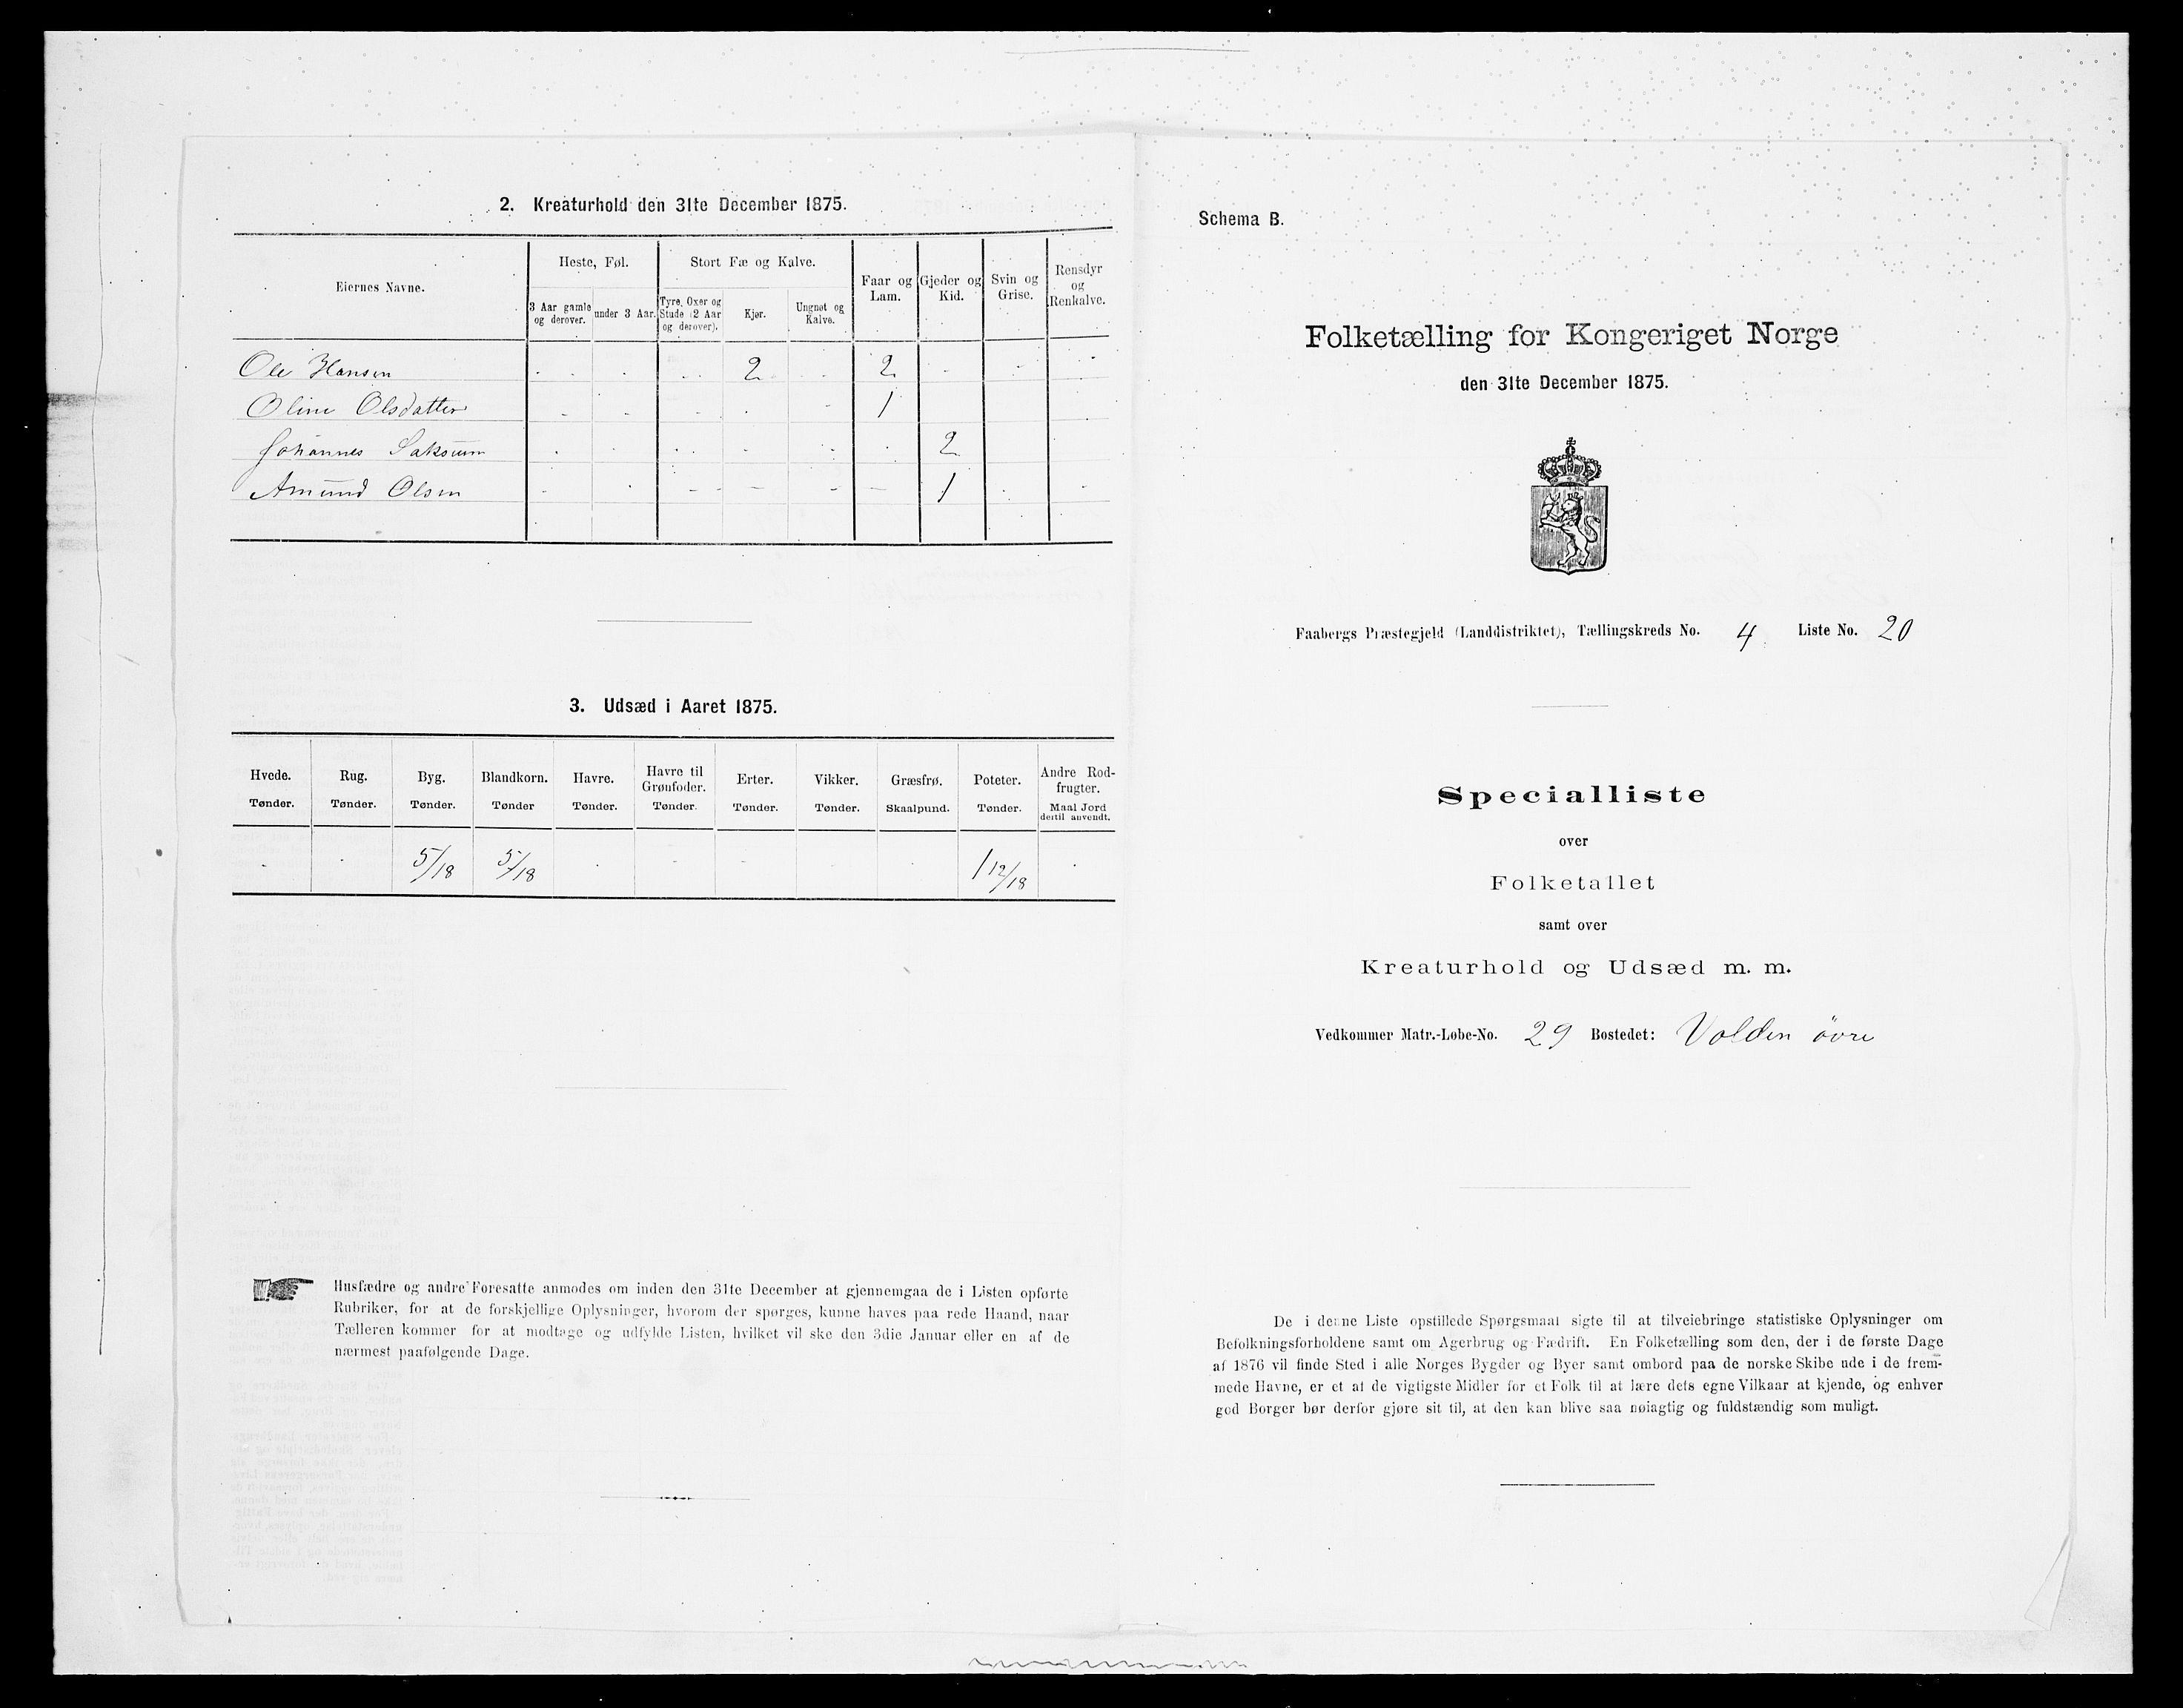 SAH, Folketelling 1875 for 0524L Fåberg prestegjeld, Fåberg sokn og Lillehammer landsokn, 1875, s. 531